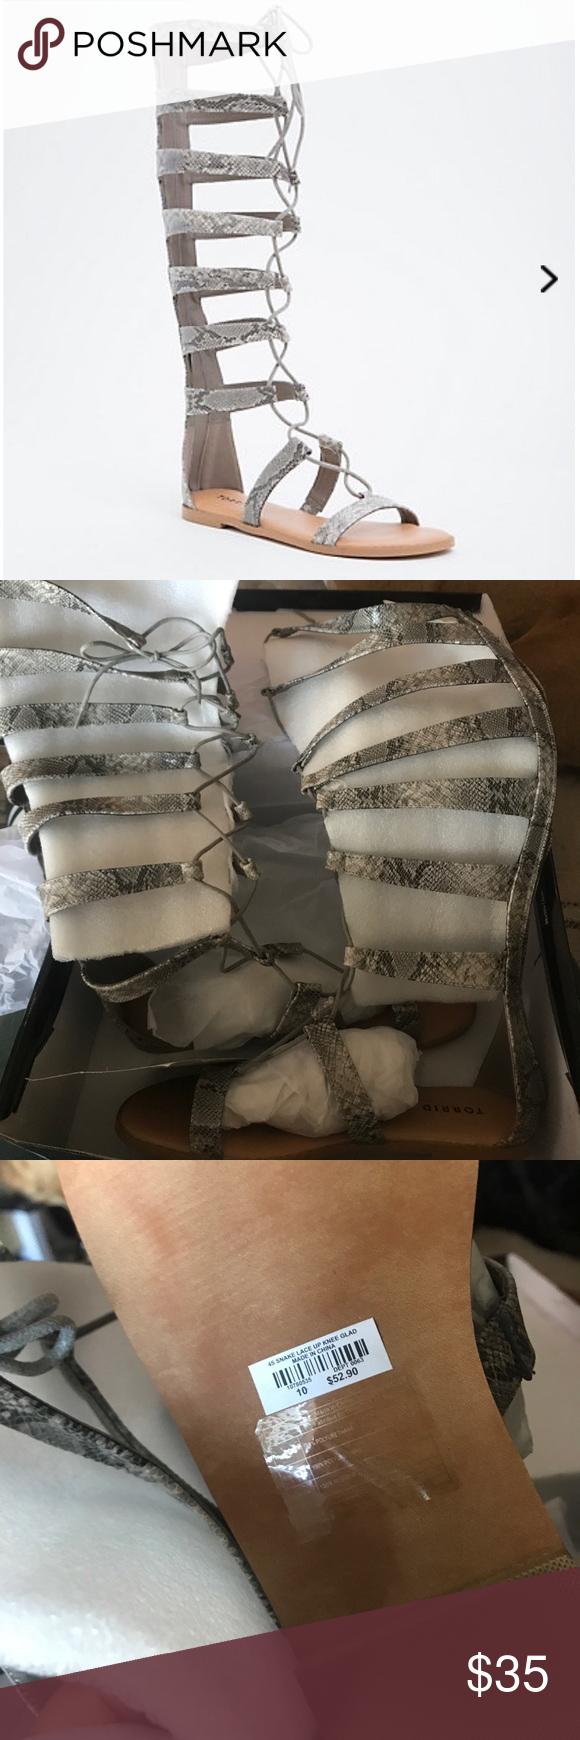 44796ca0af26 torrid 10W lace up gladiator sandals wide width Boutique